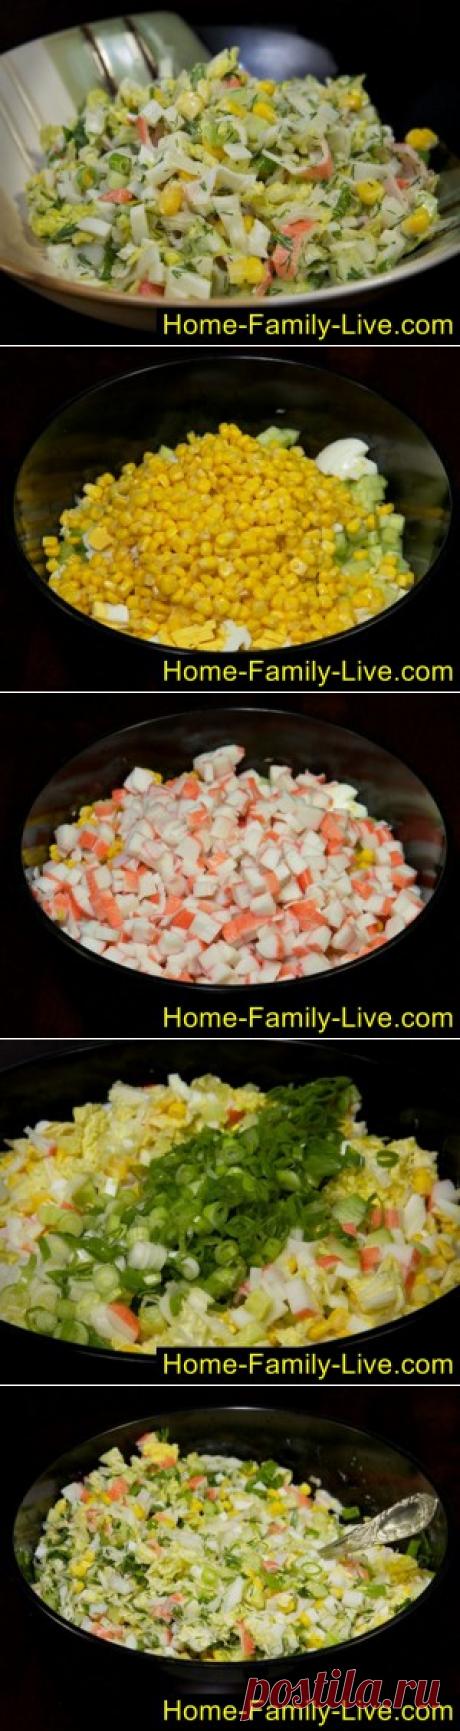 La ensalada de las varitas de centolla con el pepino - poshagovyy fotoretseptkulinarnye las recetas